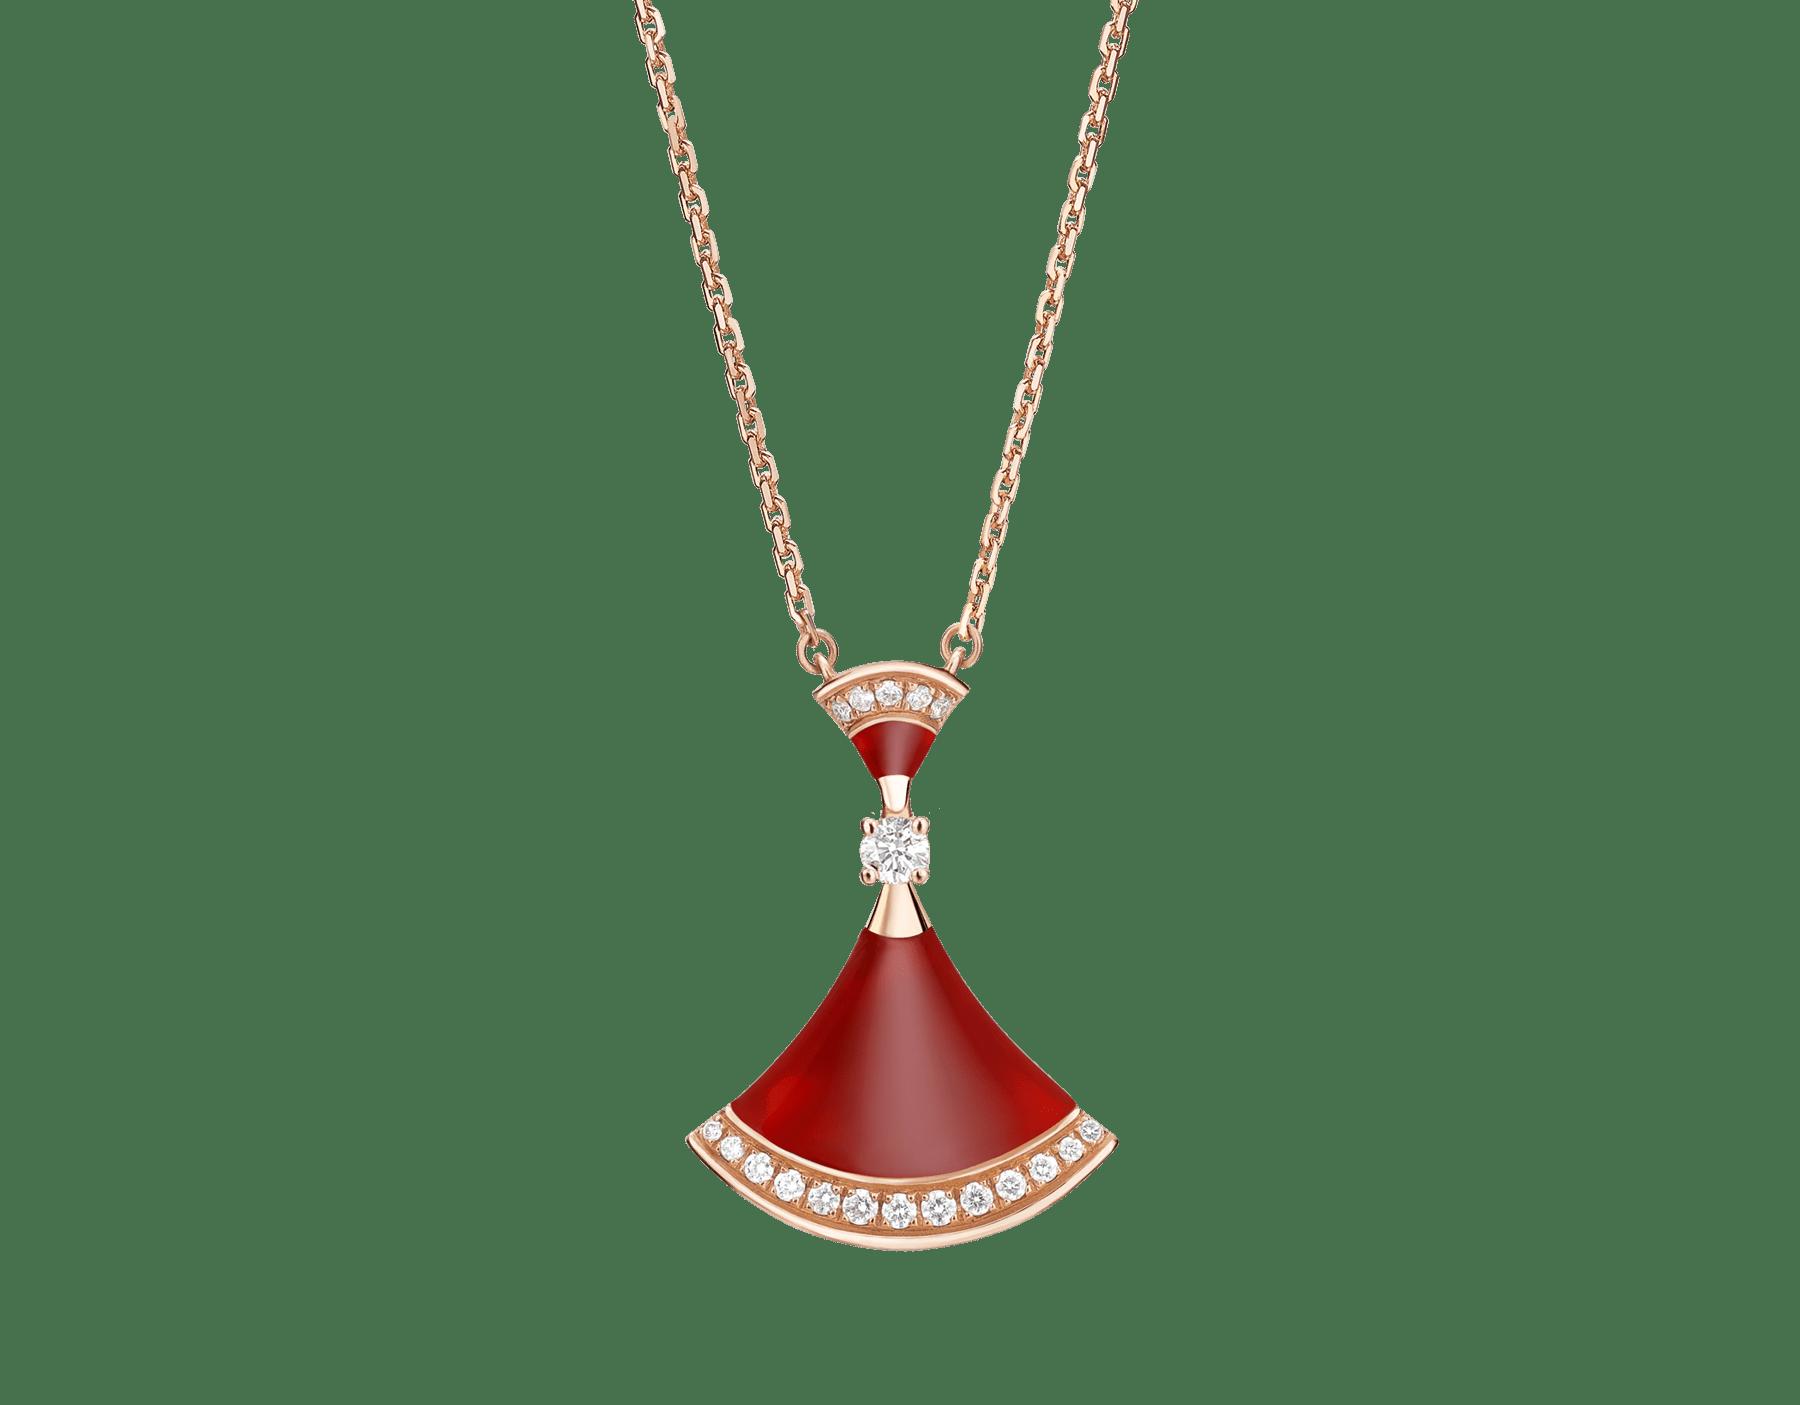 DIVAS' DREAM Halskette aus 18 Karat Roségold mit Karneol-Elementen, einem runden Diamanten im Brillantschliff und Diamant-Pavé 356437 image 1